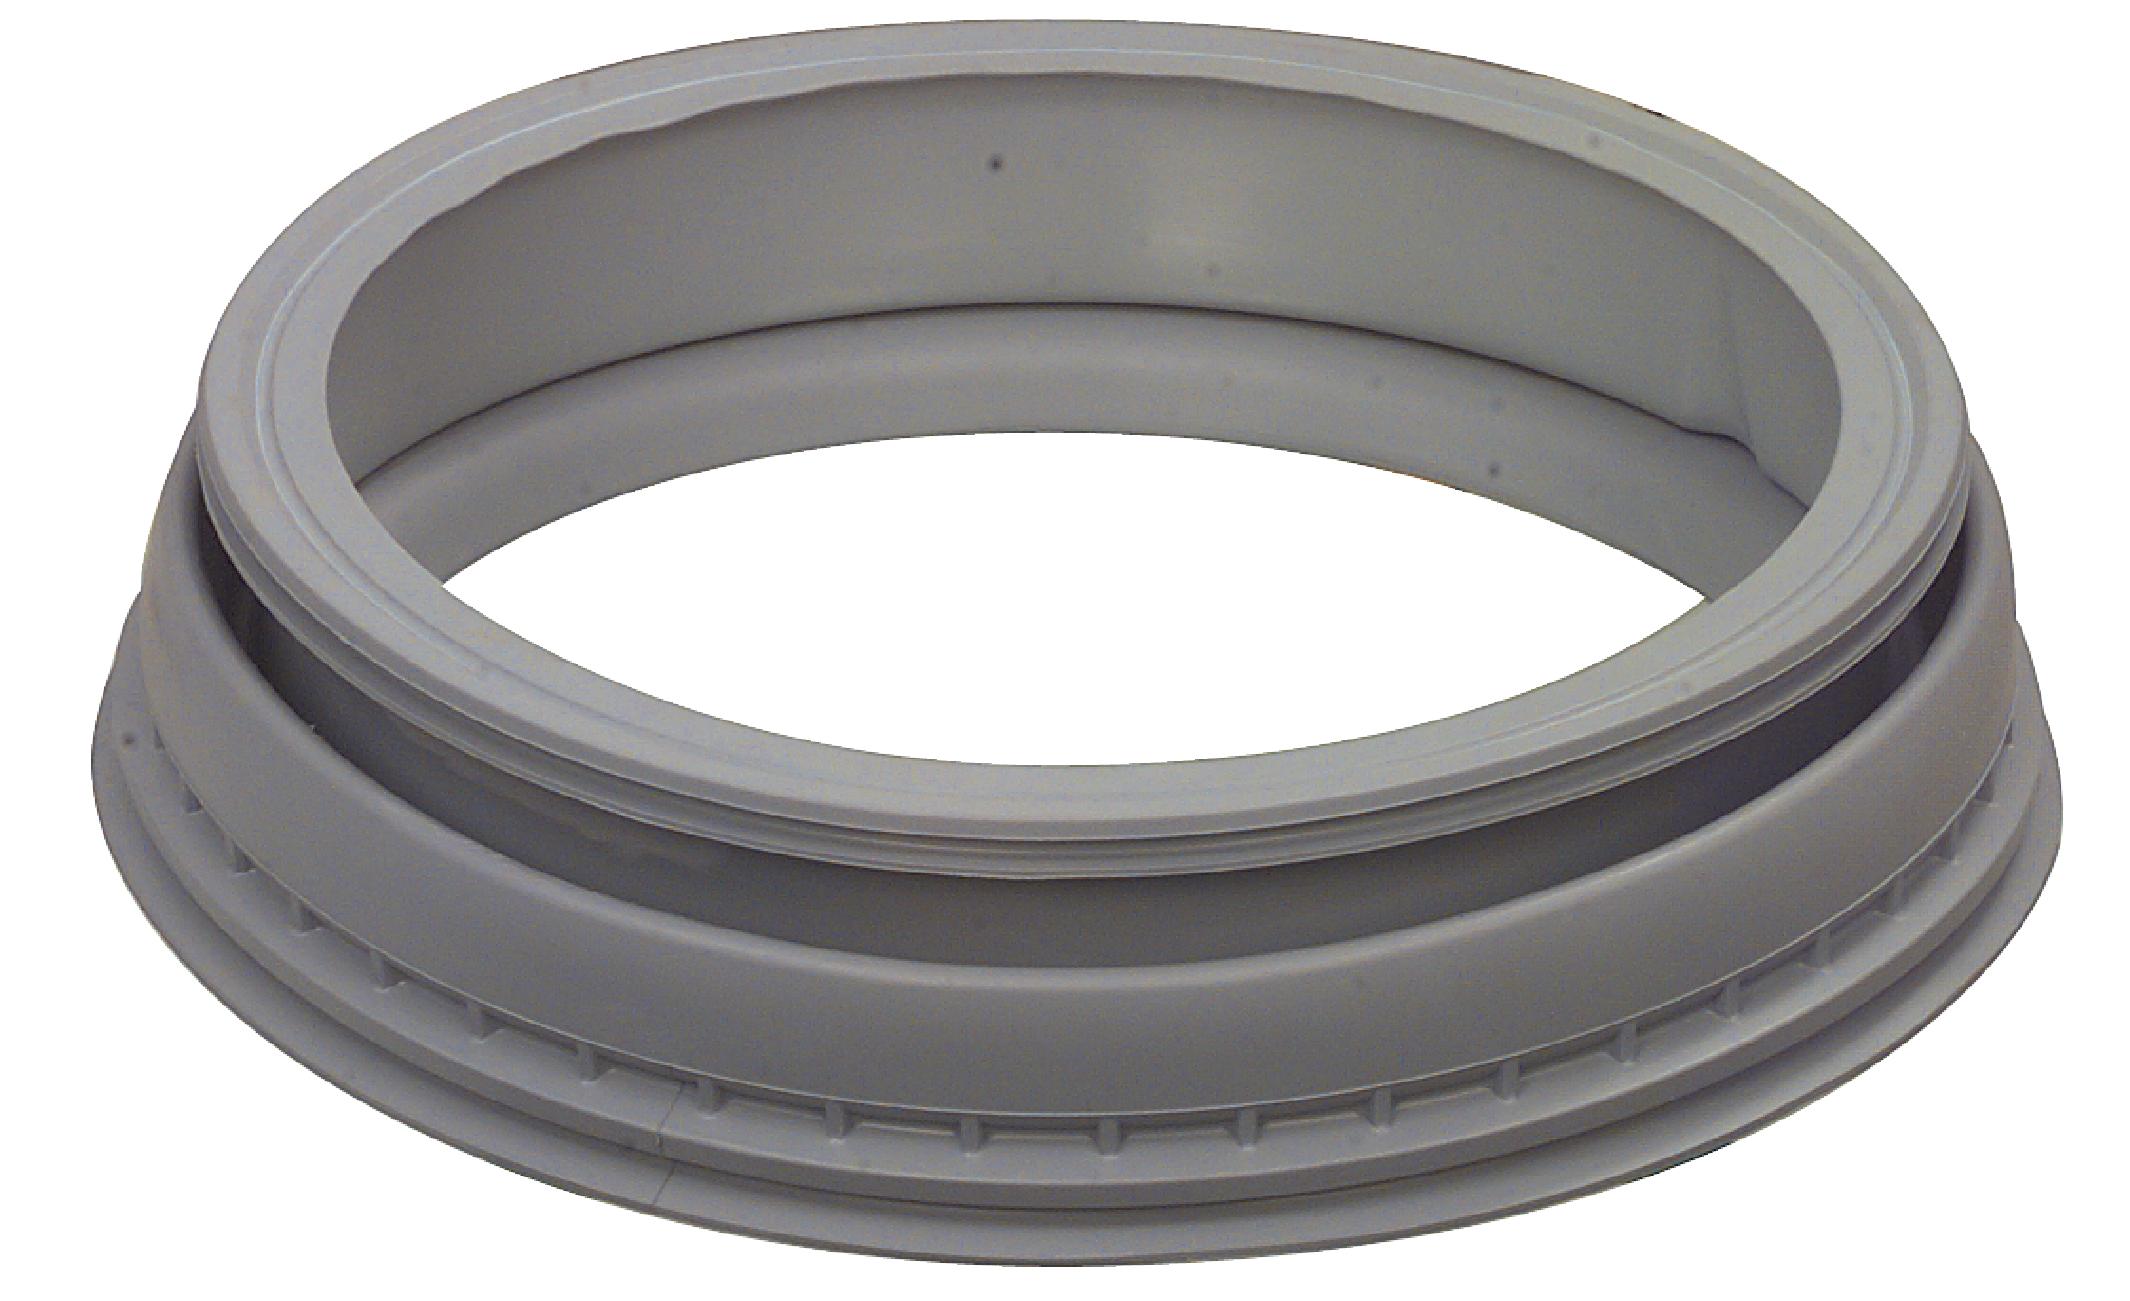 Těsnění dveří pračky - manžeta Bosch/Siemens 354135